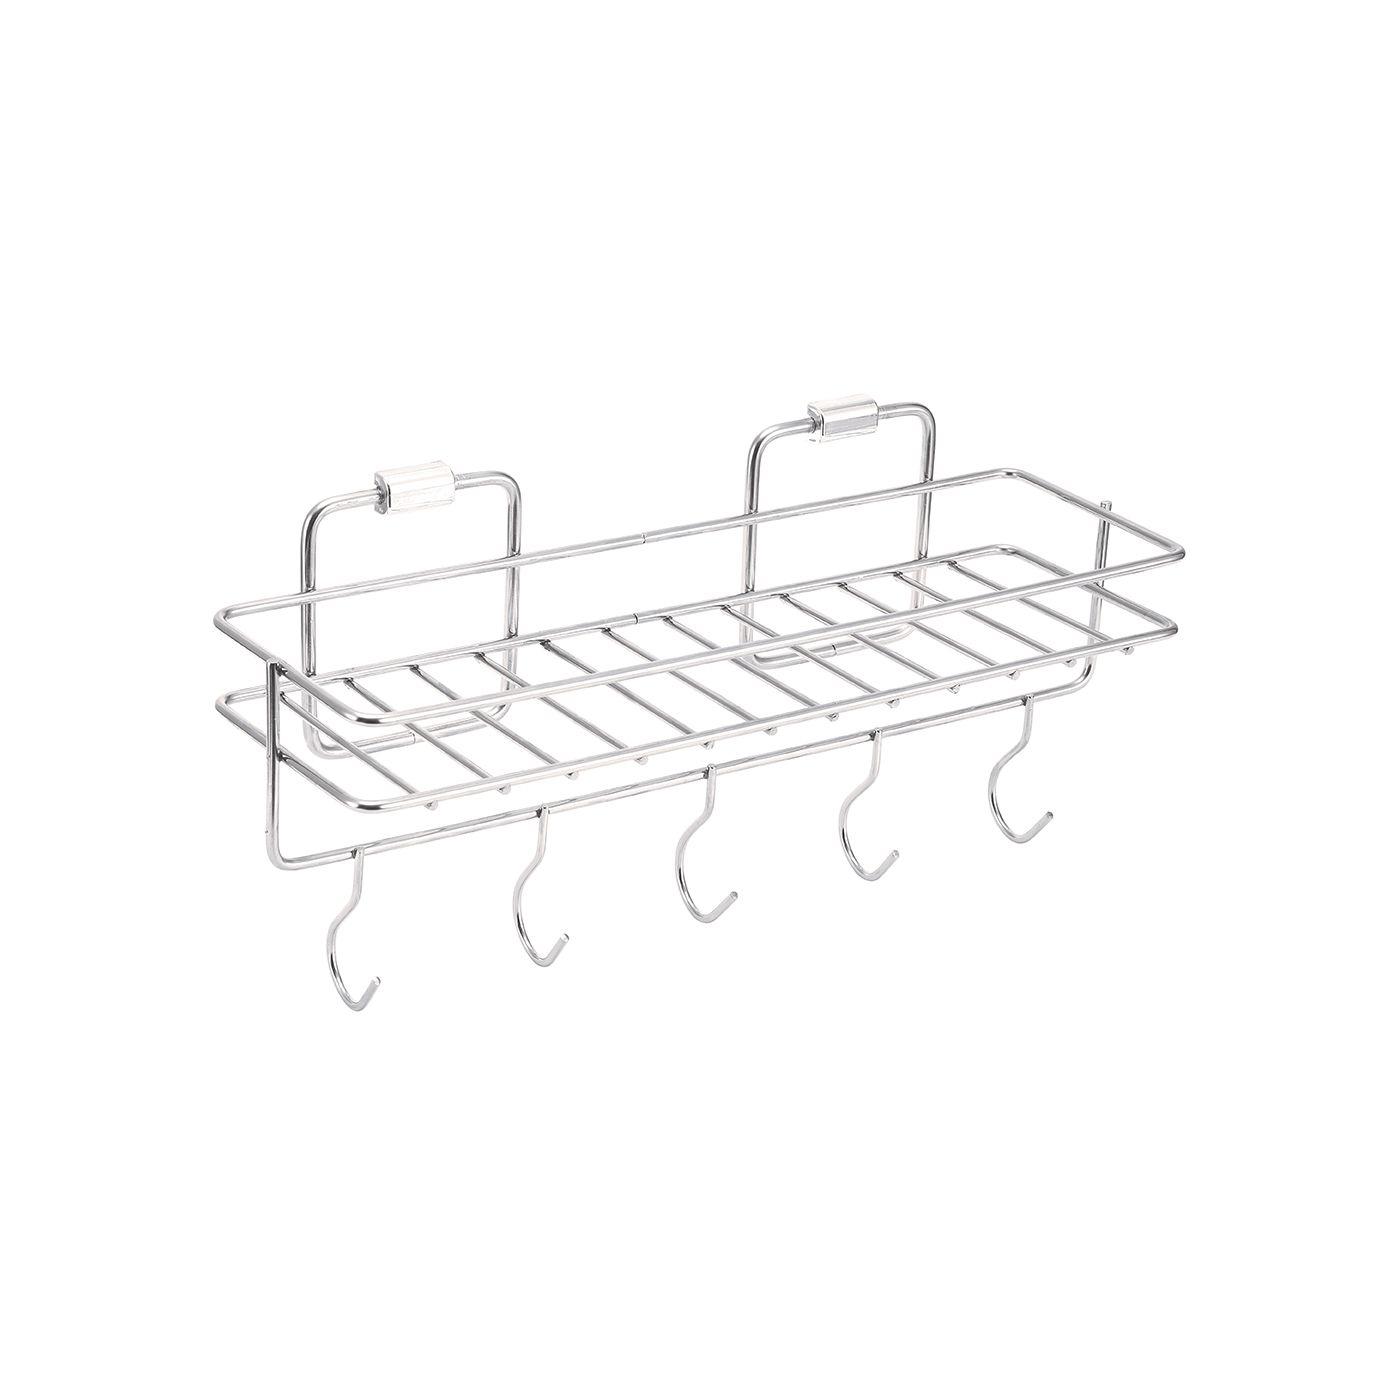 Aéreo Multiuso Flat Porta Condimentos e ganchos - Masutti Copat